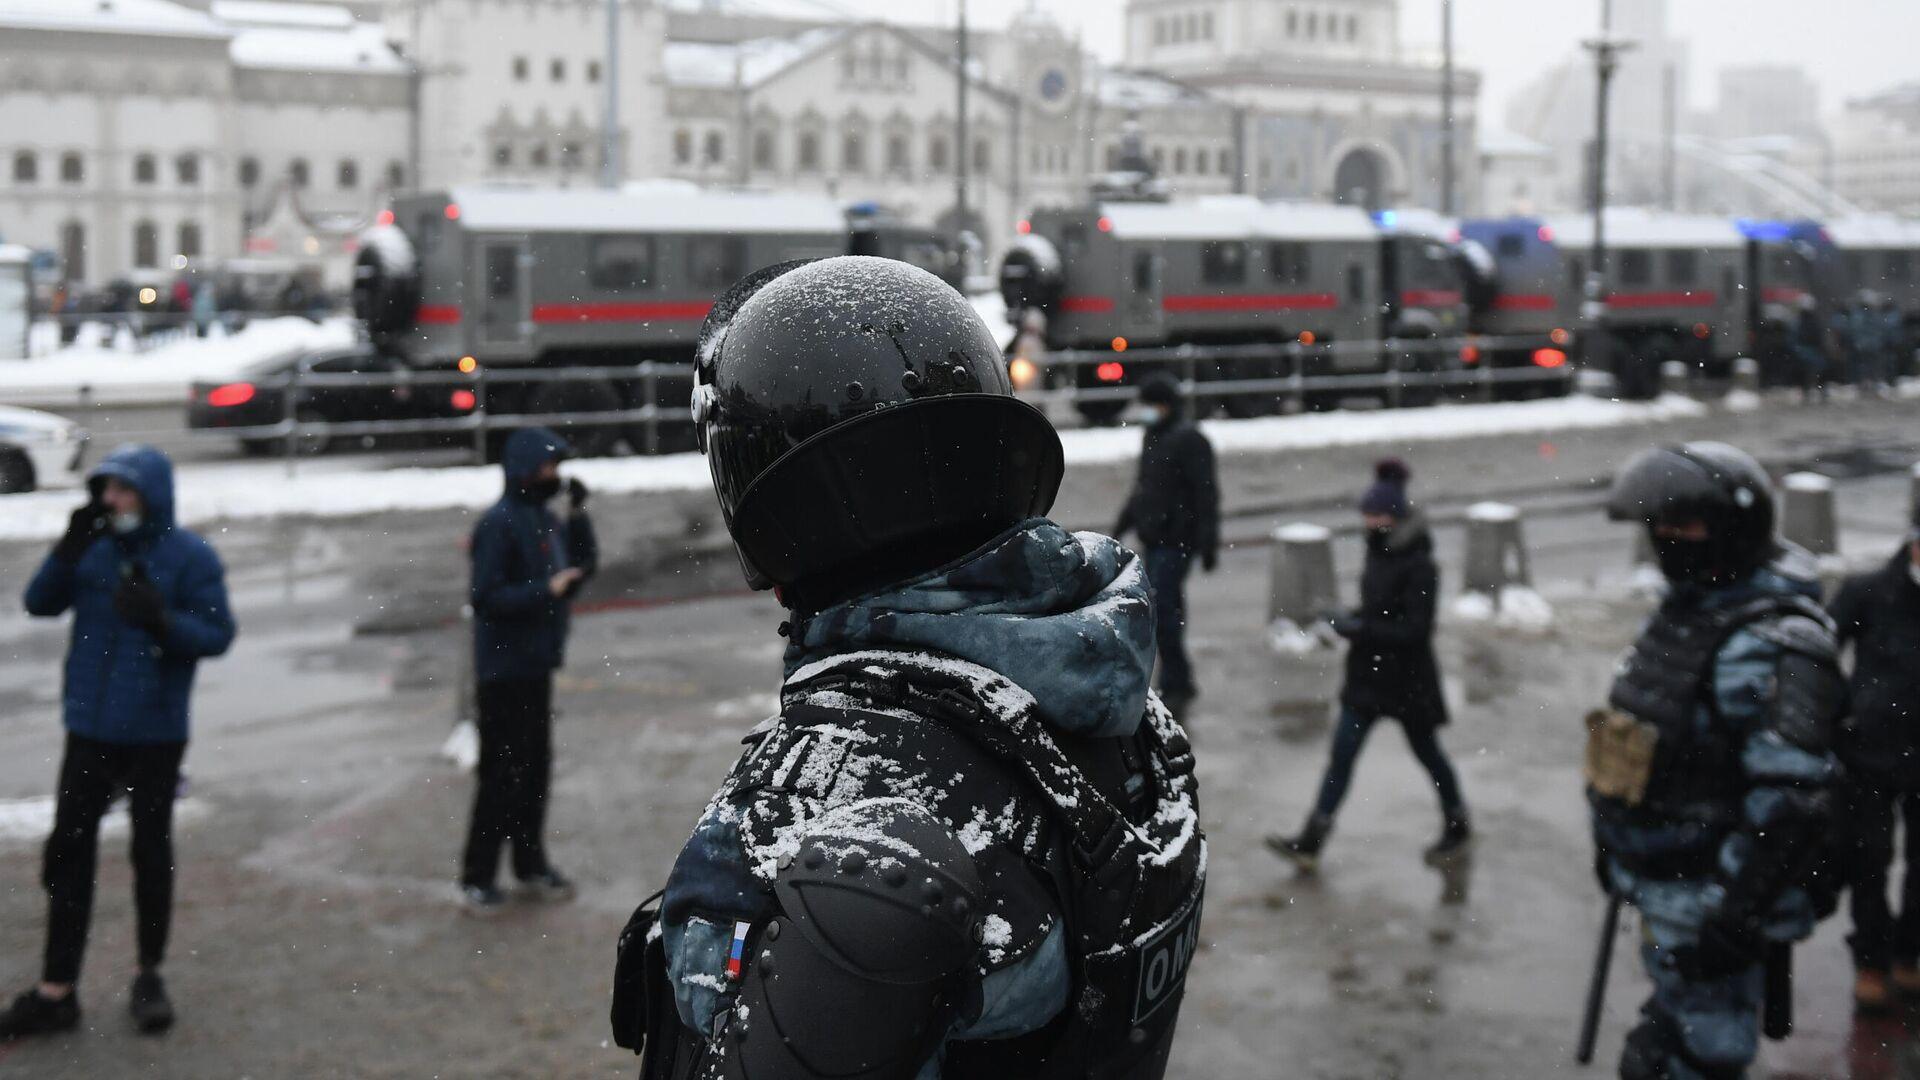 Сотрудники правоохранительных органов на Комсомольской площади в Москве во время несанкционированной акции - РИА Новости, 1920, 10.02.2021